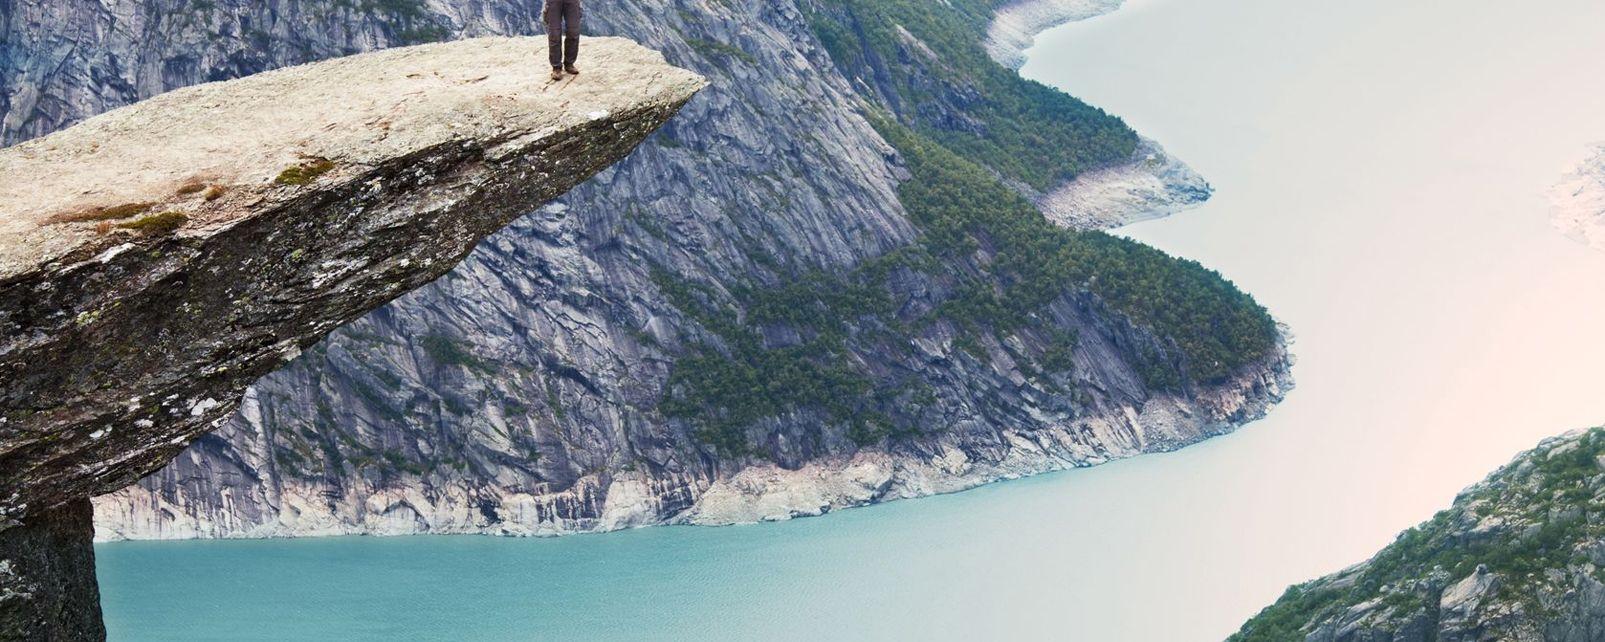 Paysage fjordien vu du ciel, Les fjords, Les côtes, Oslo, Norvège